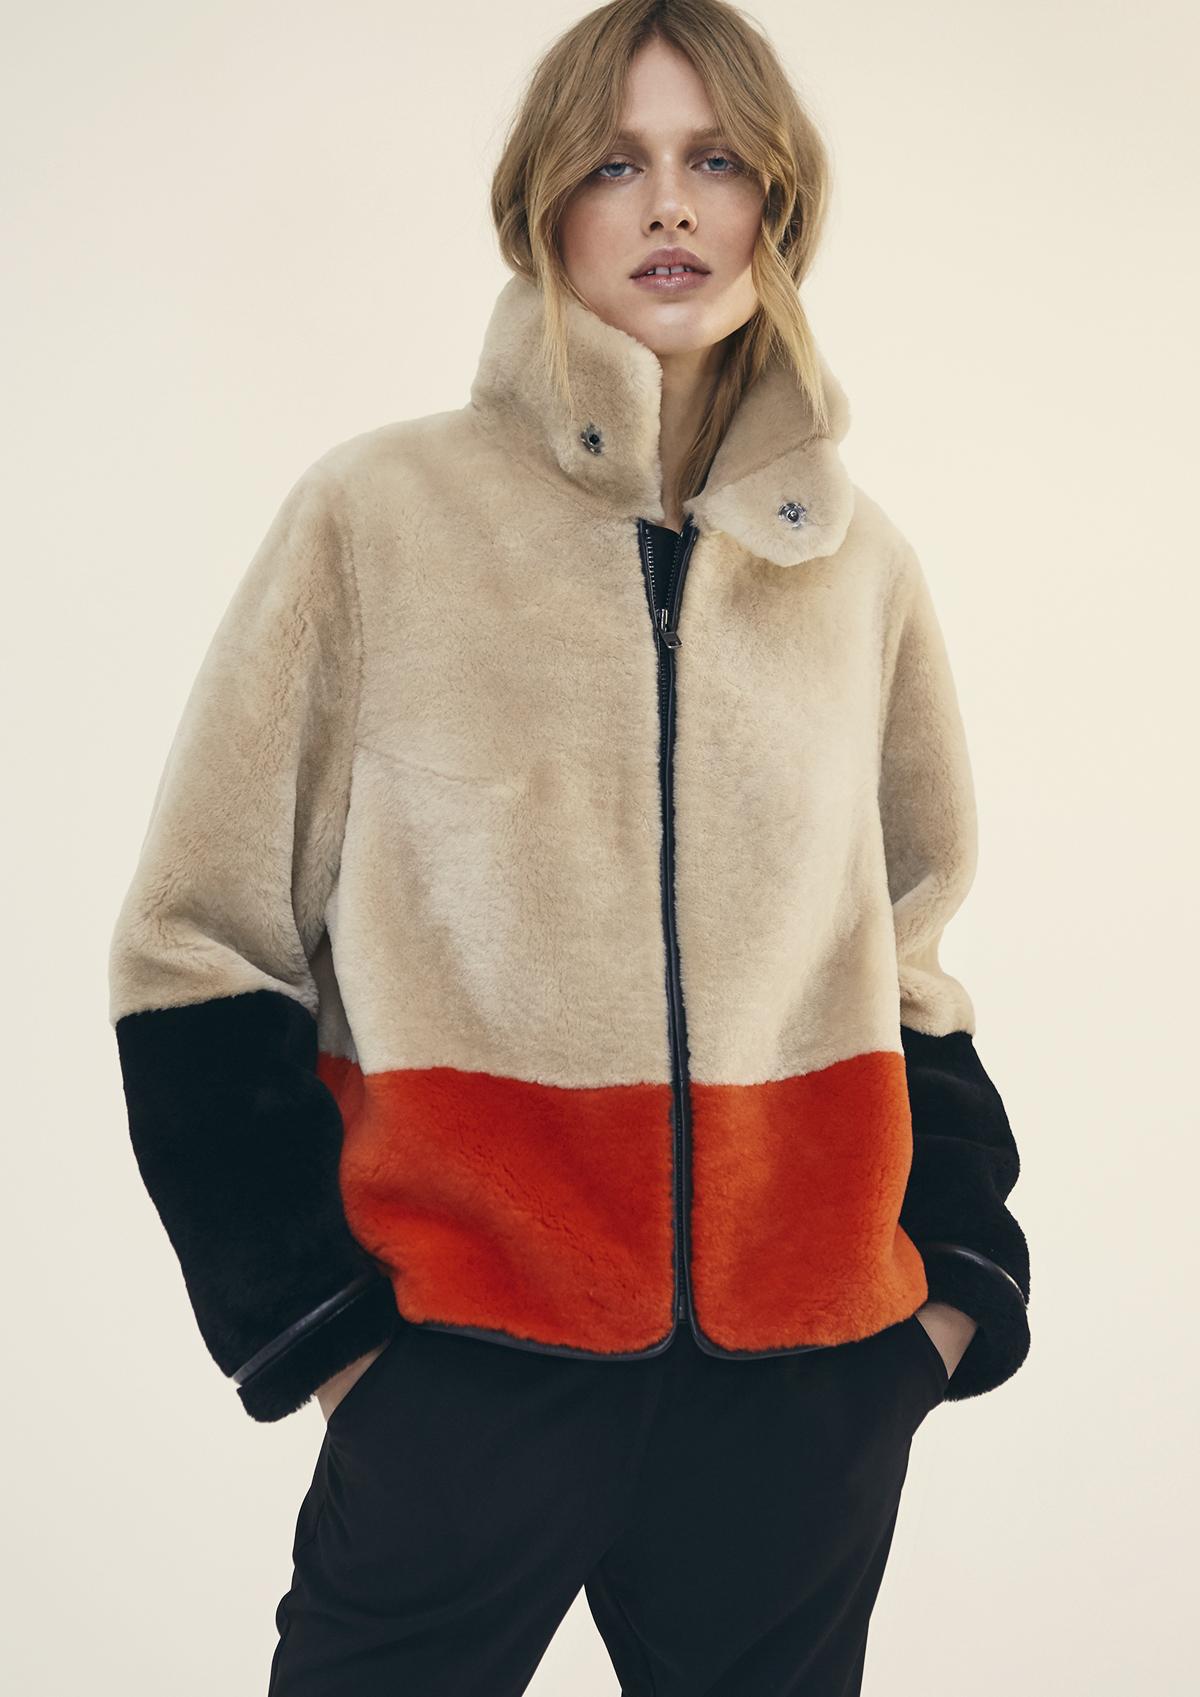 custommade_lookbook_autumn-winter17_28.jpg